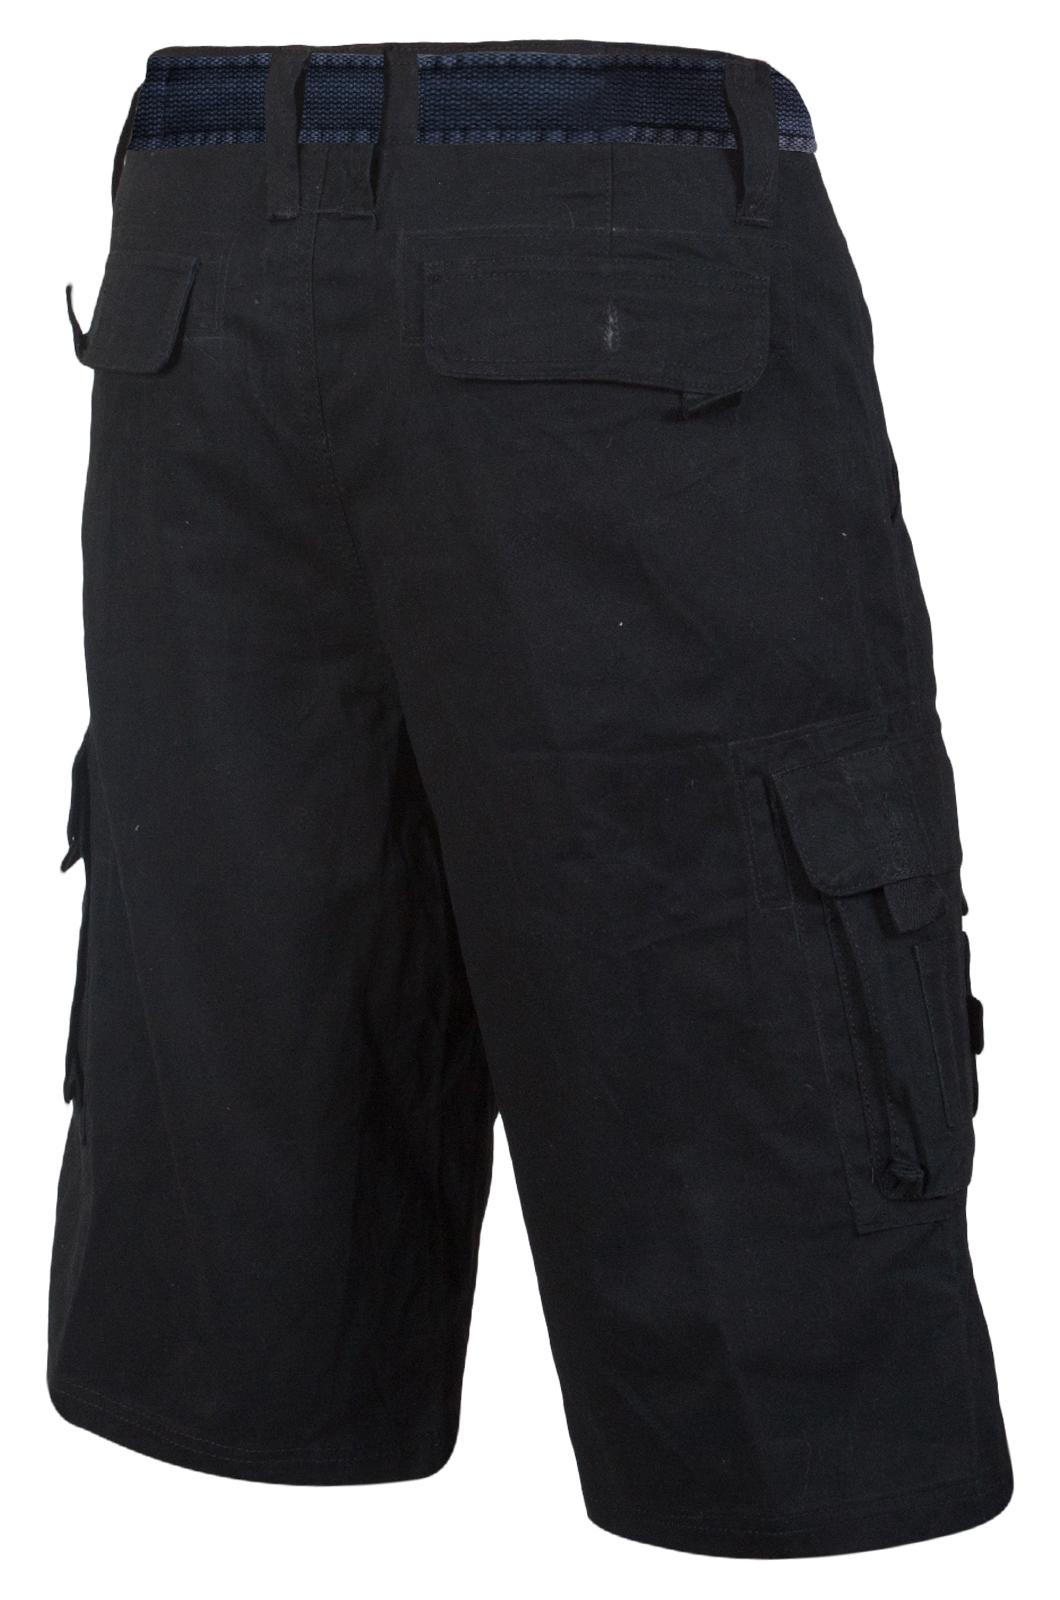 Мужские брендовые шорты - купить в интернет-магазине